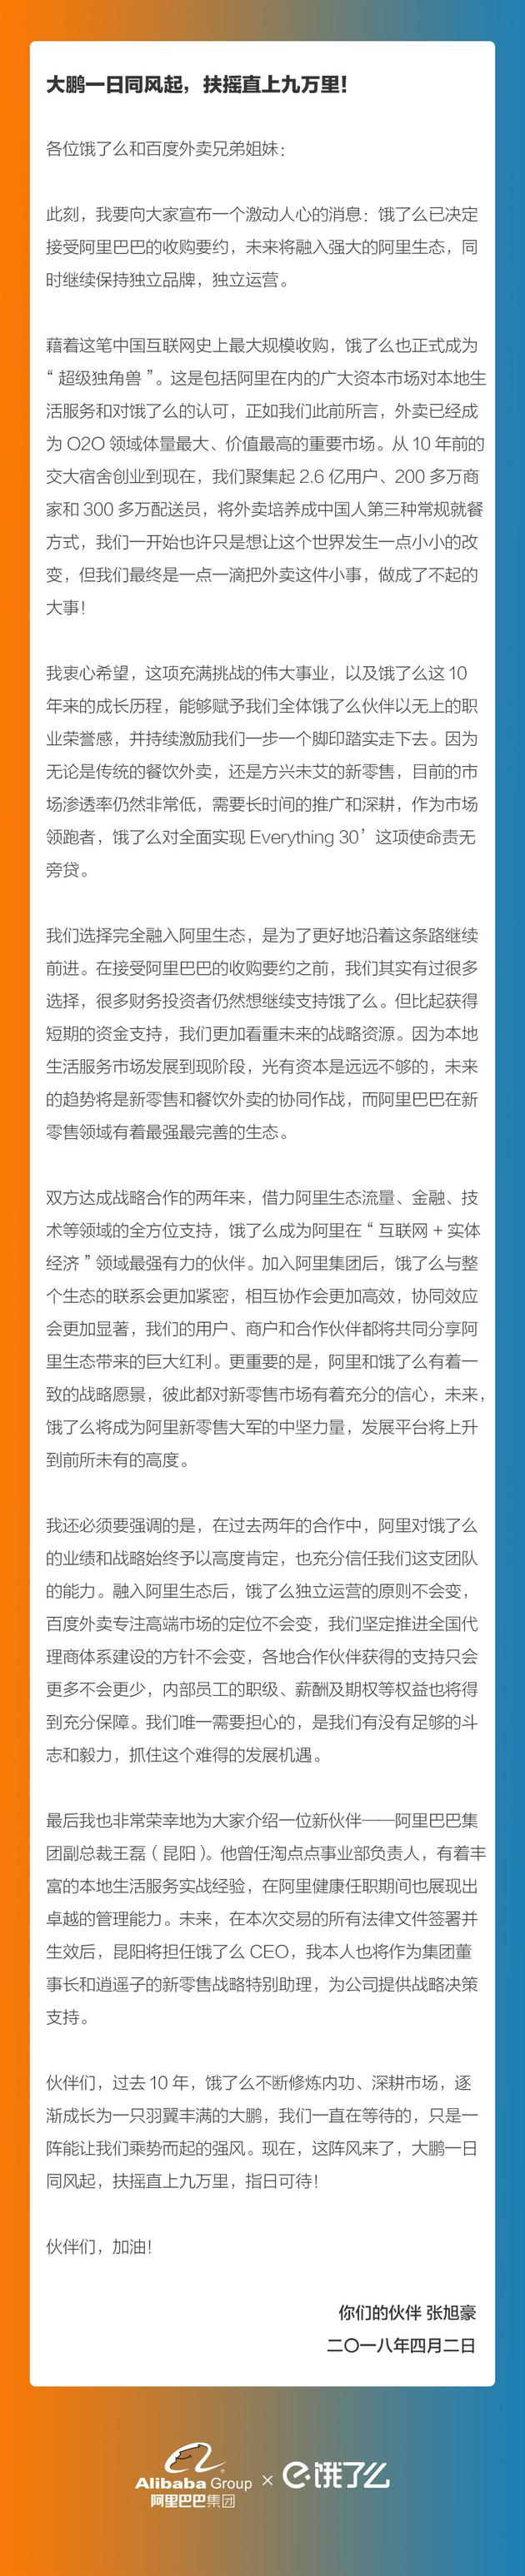 张旭豪称饿了么未来将融入强大的阿里生态 同时继续保持独立品牌